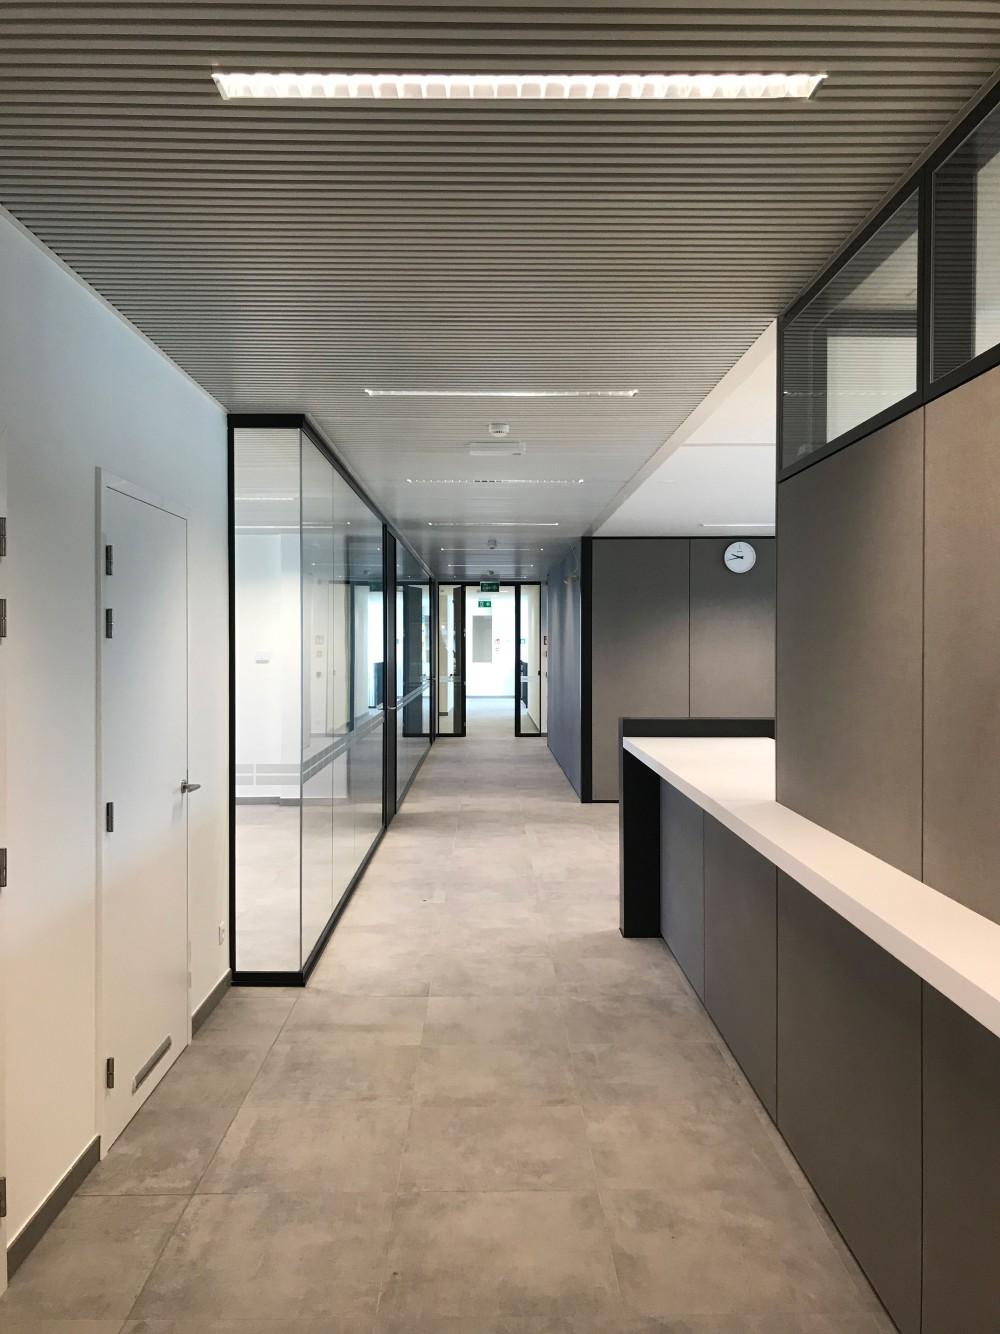 Abscis Architecten - infobalie nieuw administratief centrum - foto Abscis Architecten